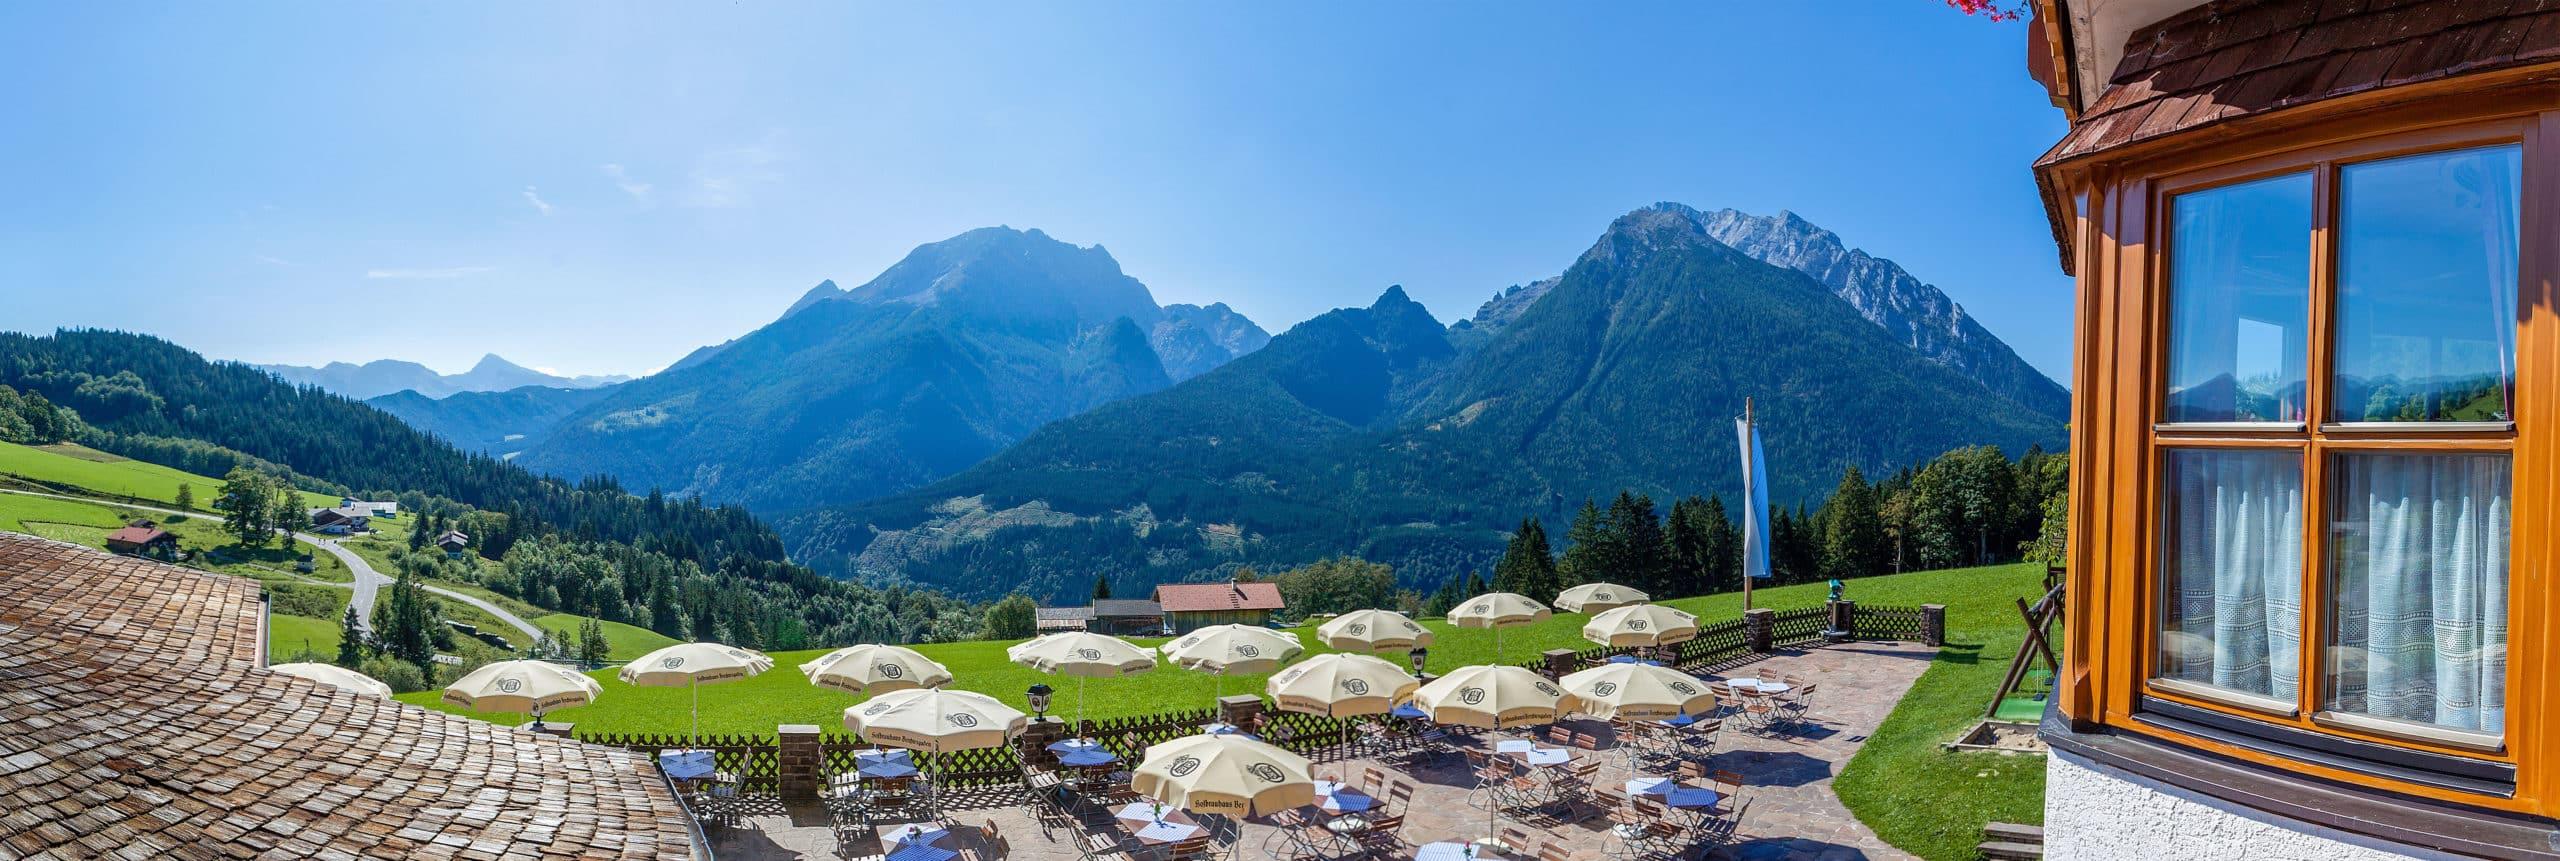 Panoramaausicht Hotel Gasthof Nutzkaser inmitten der Berchtesgadener Alpen